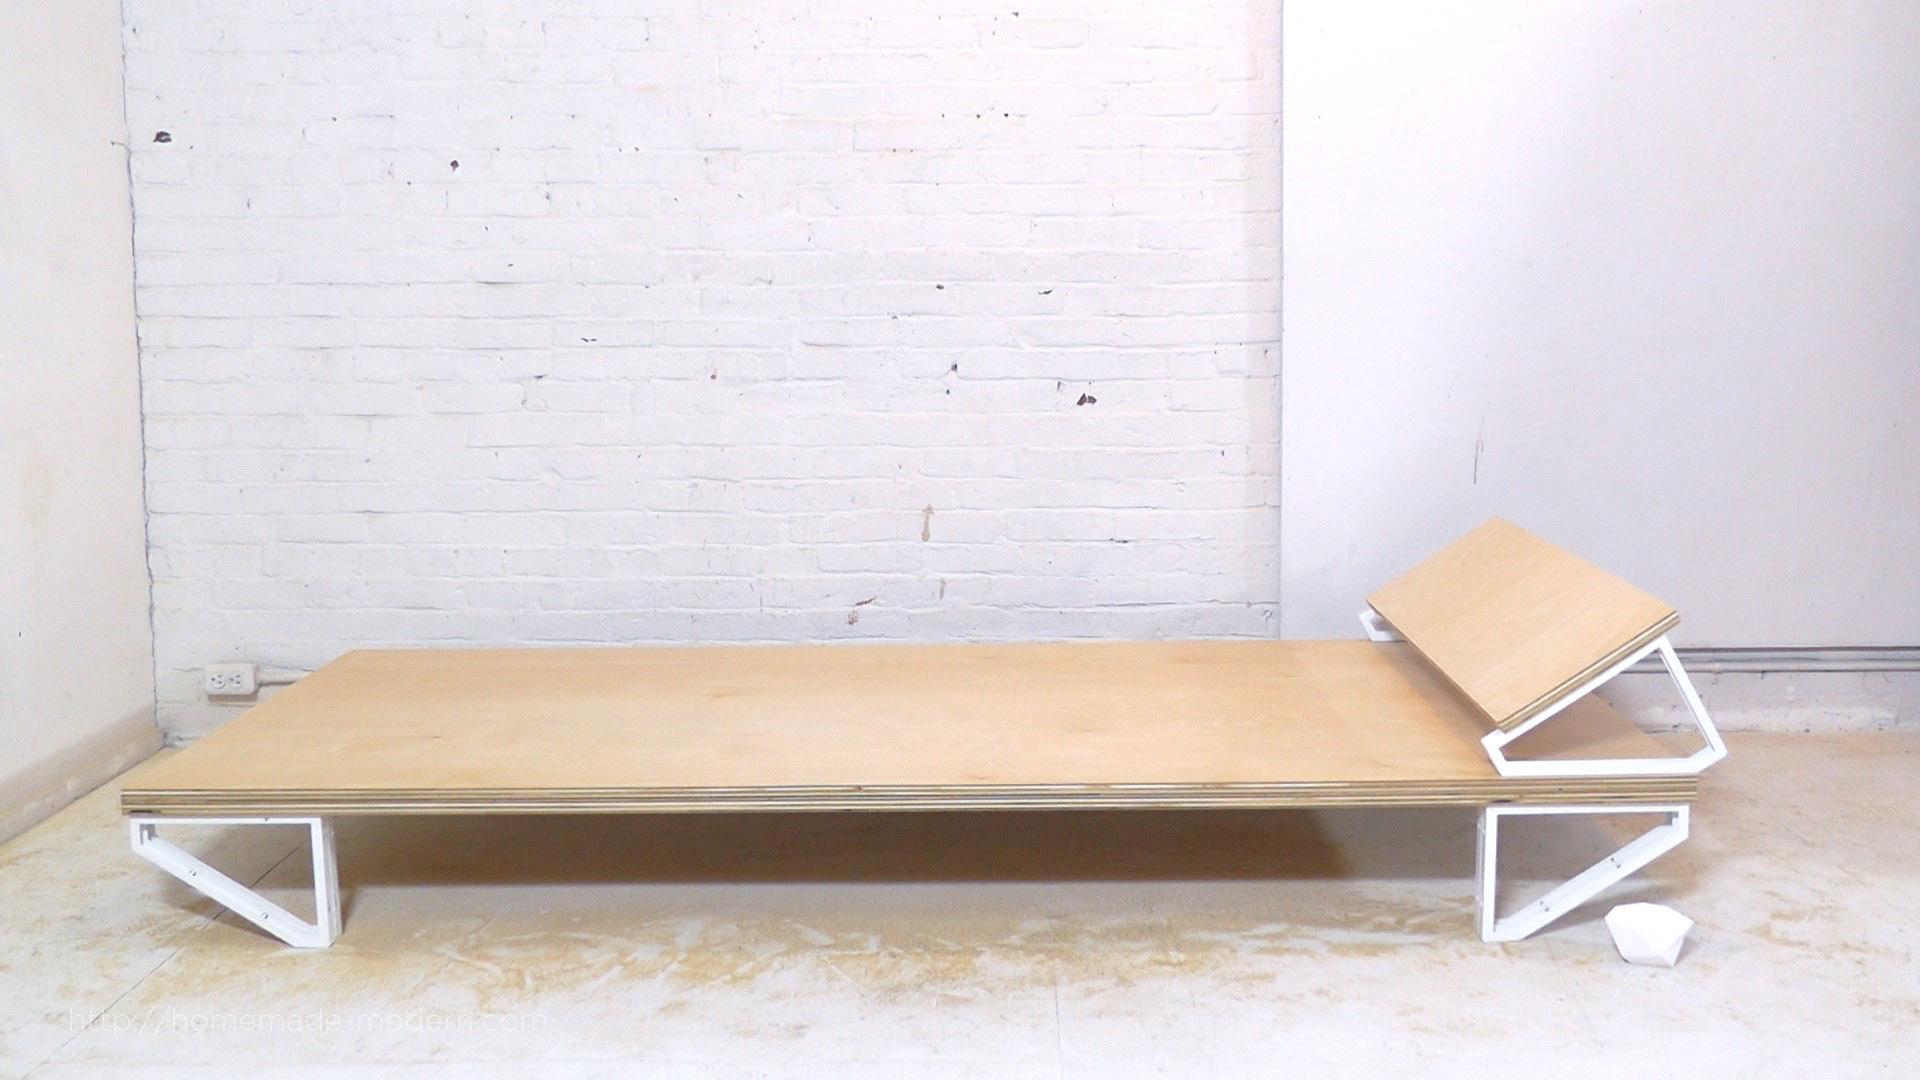 diy wall bed sofa havertys microfiber sleeper ep91 3 tool